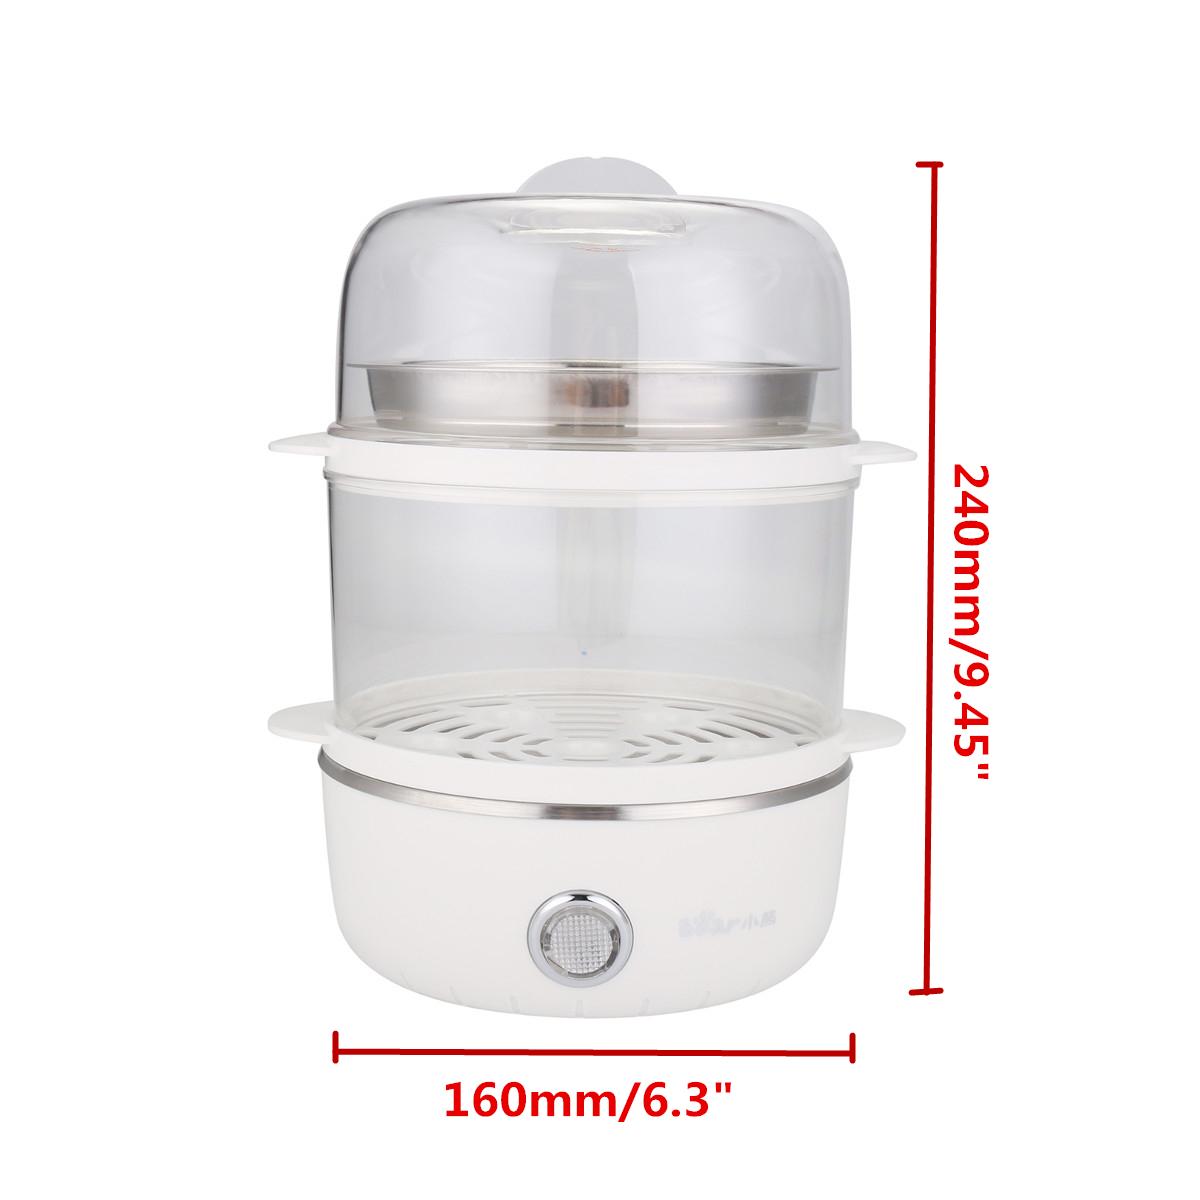 Bear 14 Egg Steamer Egg Boiler Multifunction Electric Cooker Steamer Kitchen Breakfast Maker